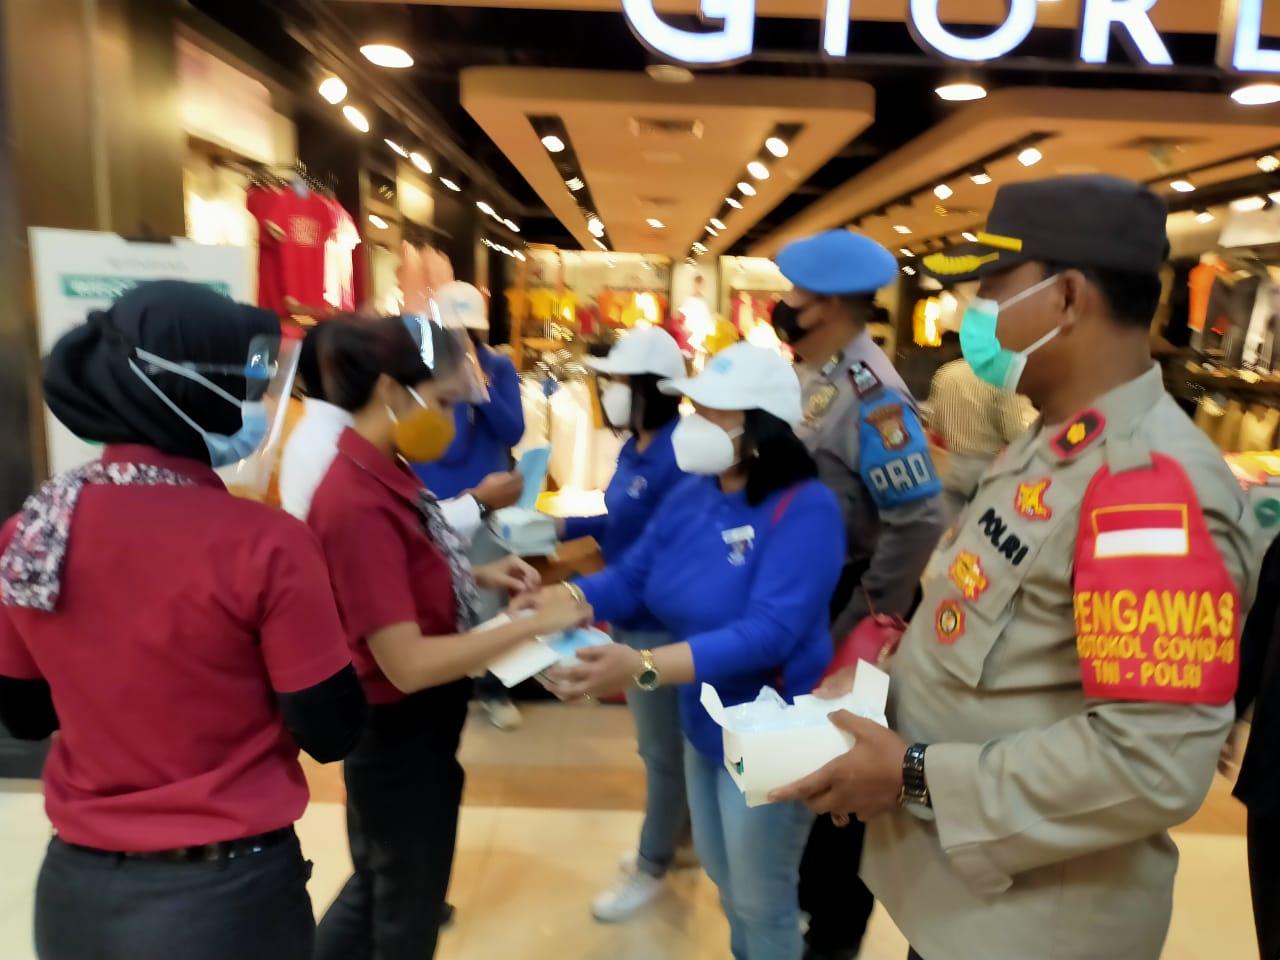 Terapkan Prokes, Polsek Cikarang Selatan Bagikan Masker ke Pengunjung Mall Lippo Cikarang